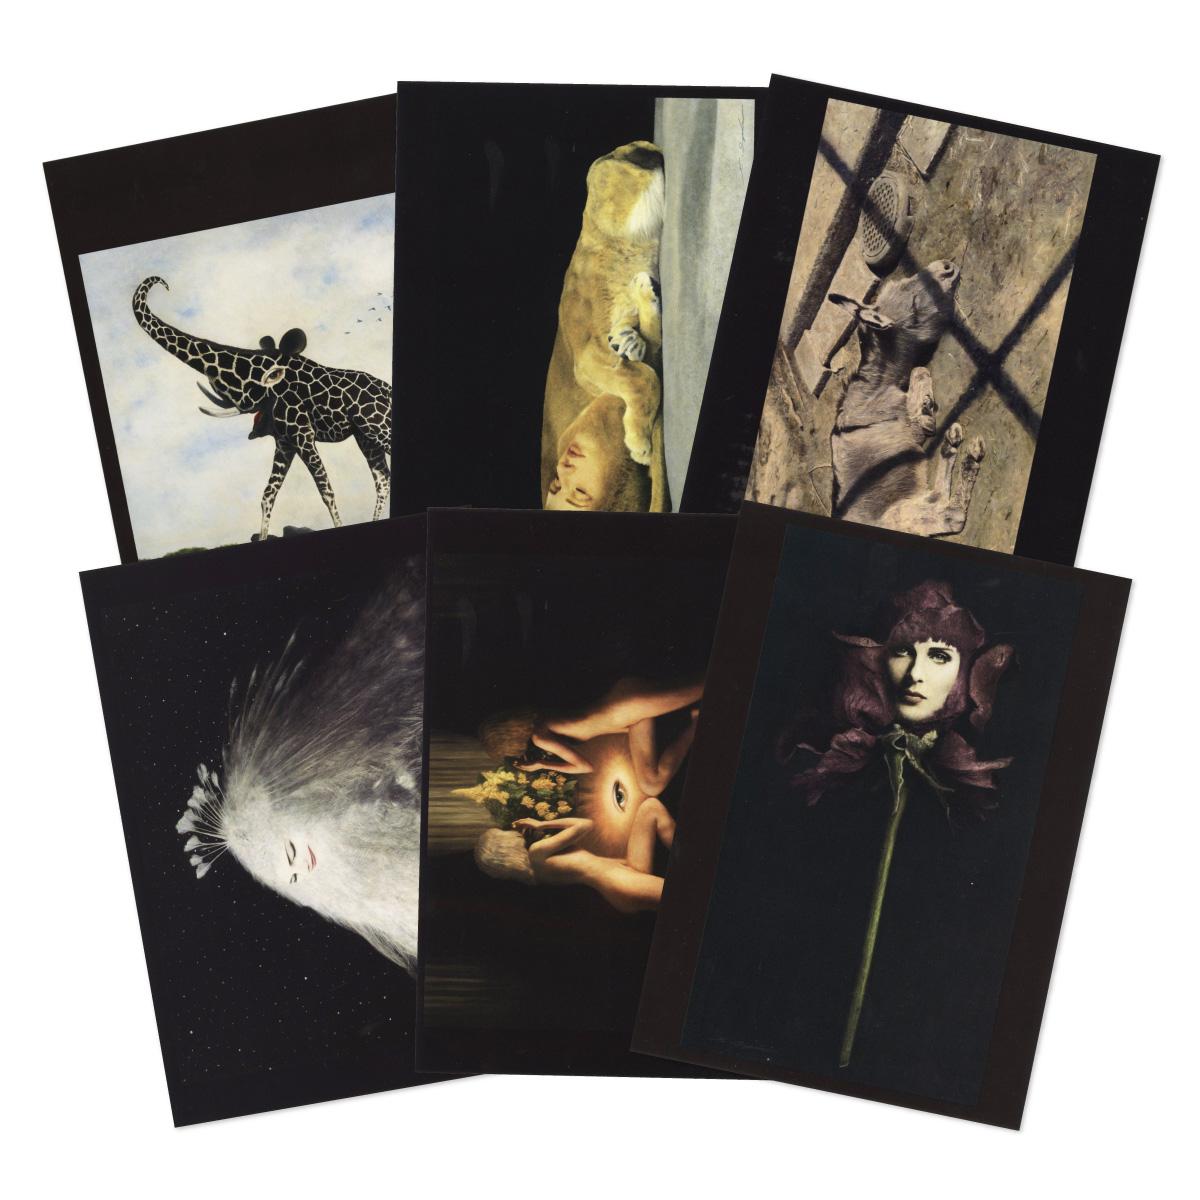 伊豫田晃一 ポストカードコレクション2, IYODA Koichi Postcard Collection 2